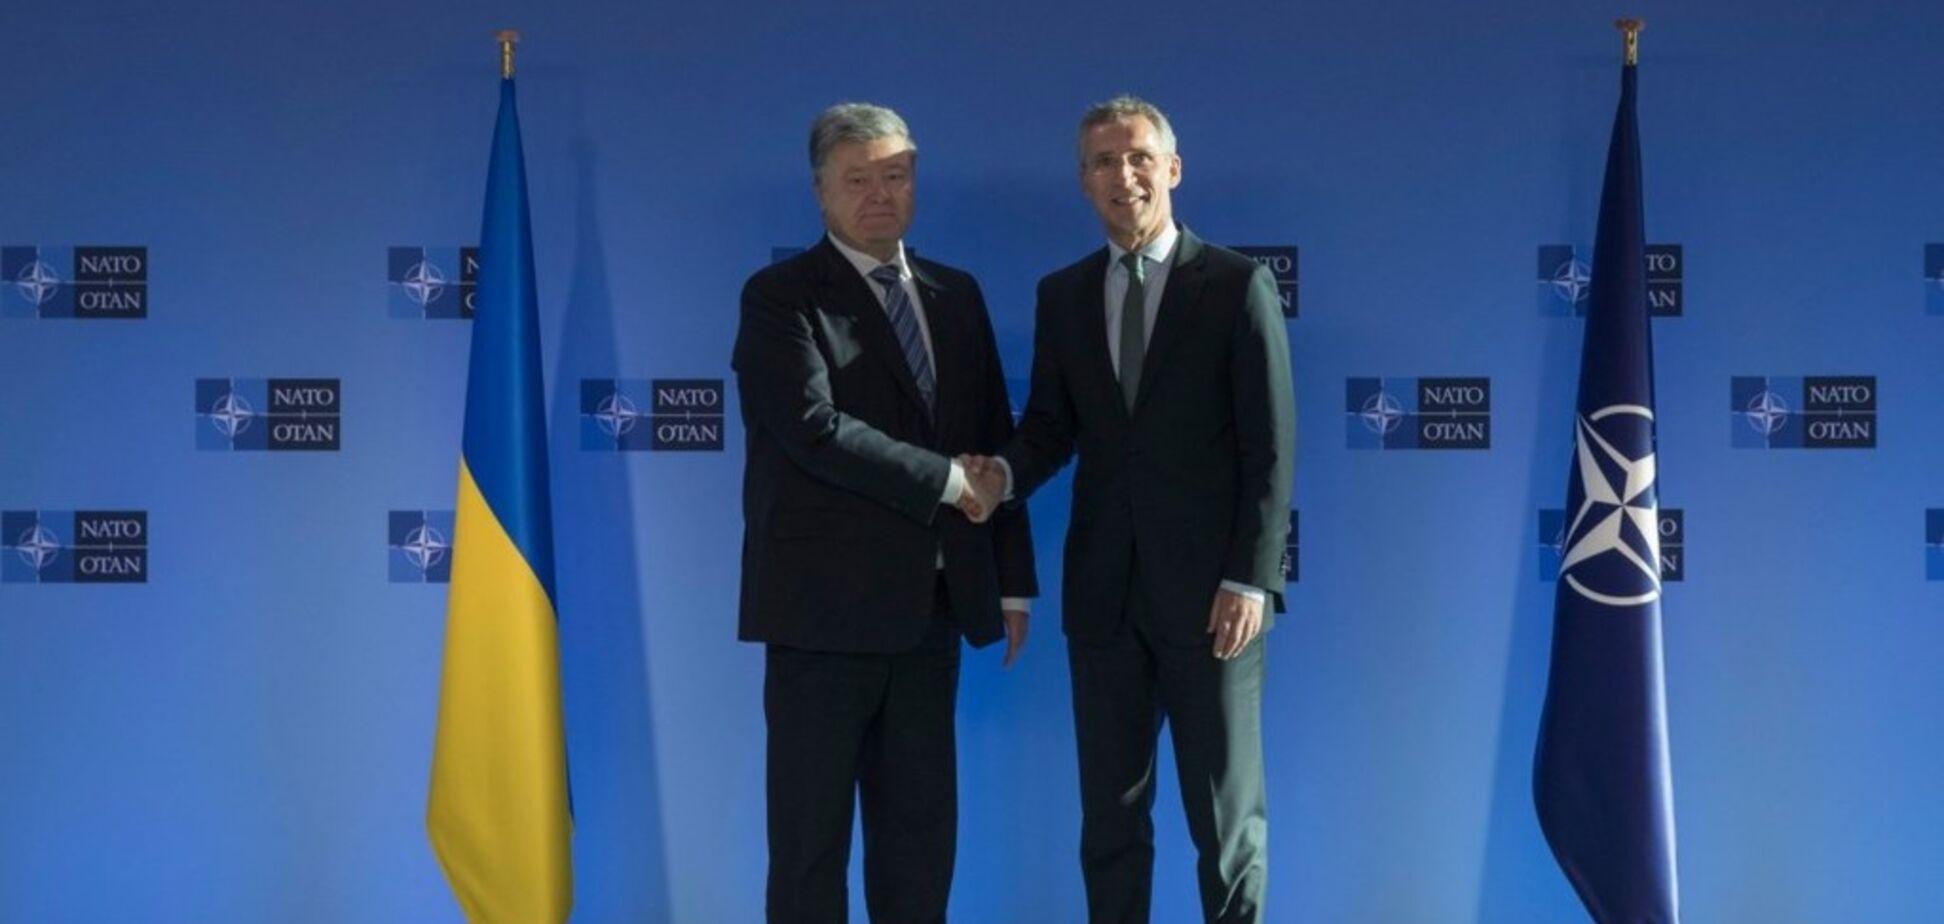 Україна отримала від НАТО партію військового обладнання: що відомо